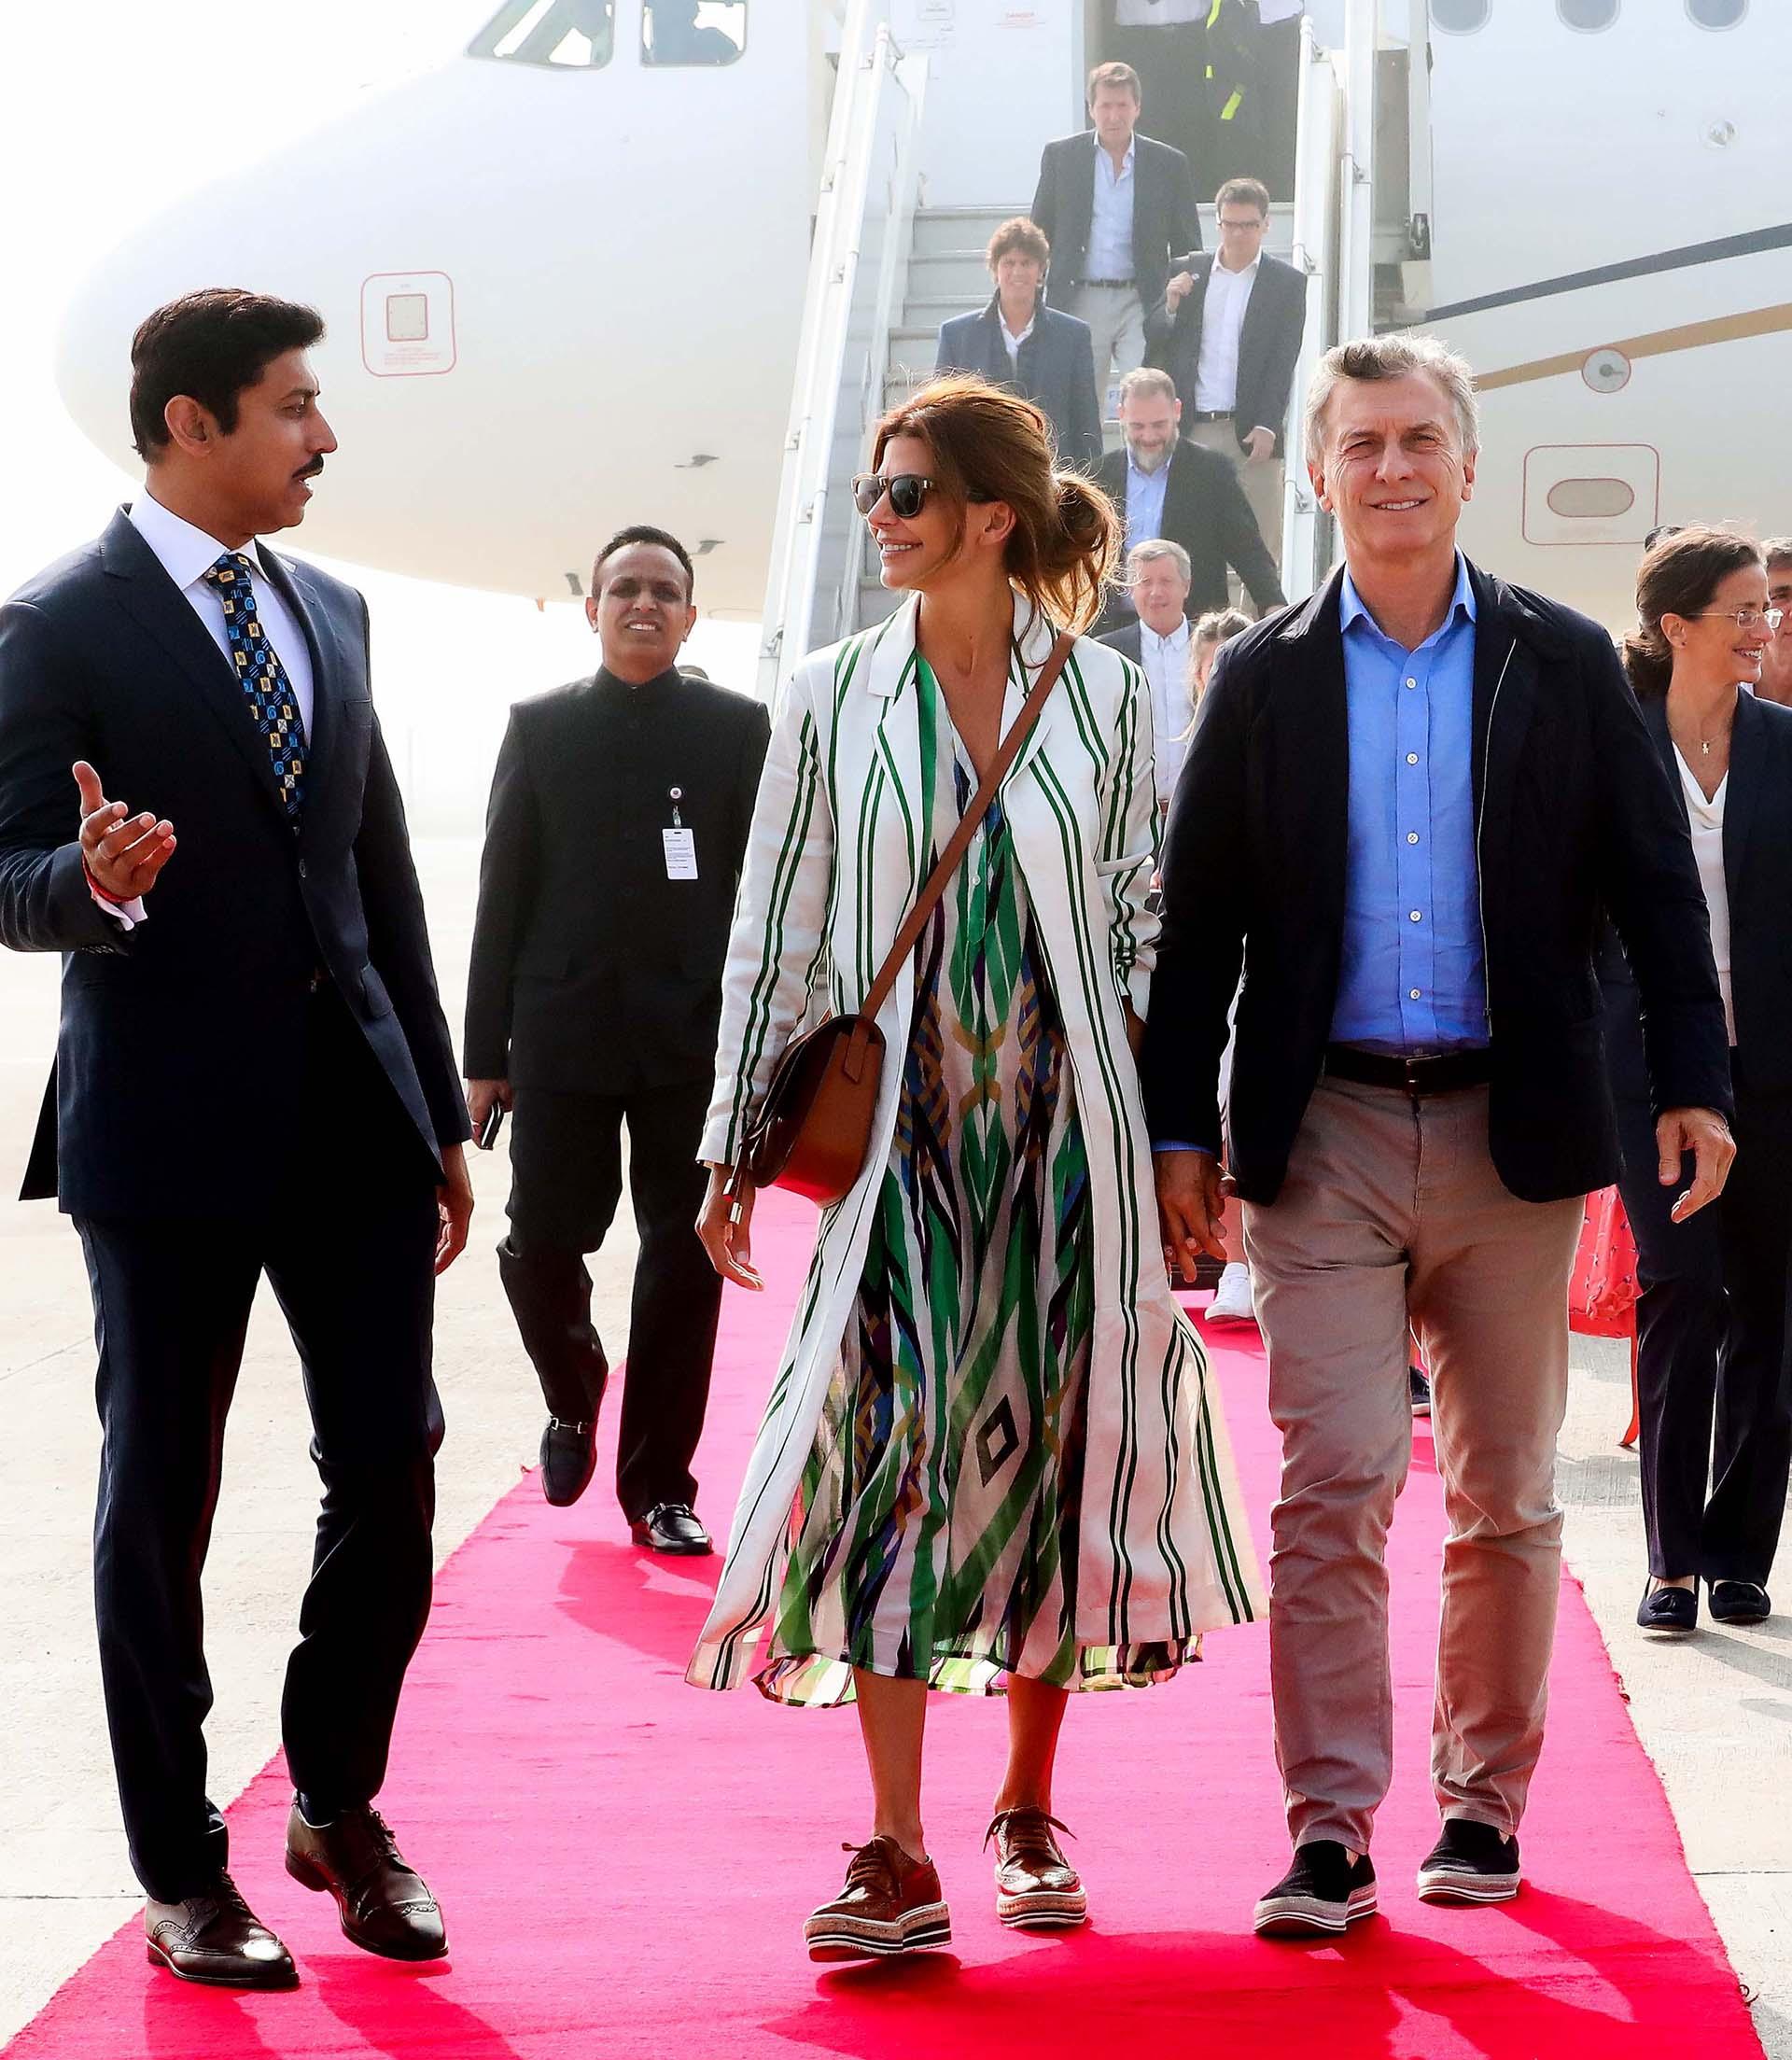 Macri y Awada en Nueva Delhi. Detrás de ellos baja la comitiva argentina del avión, que incluye a Martín Lousteau y a Emilio Monzó